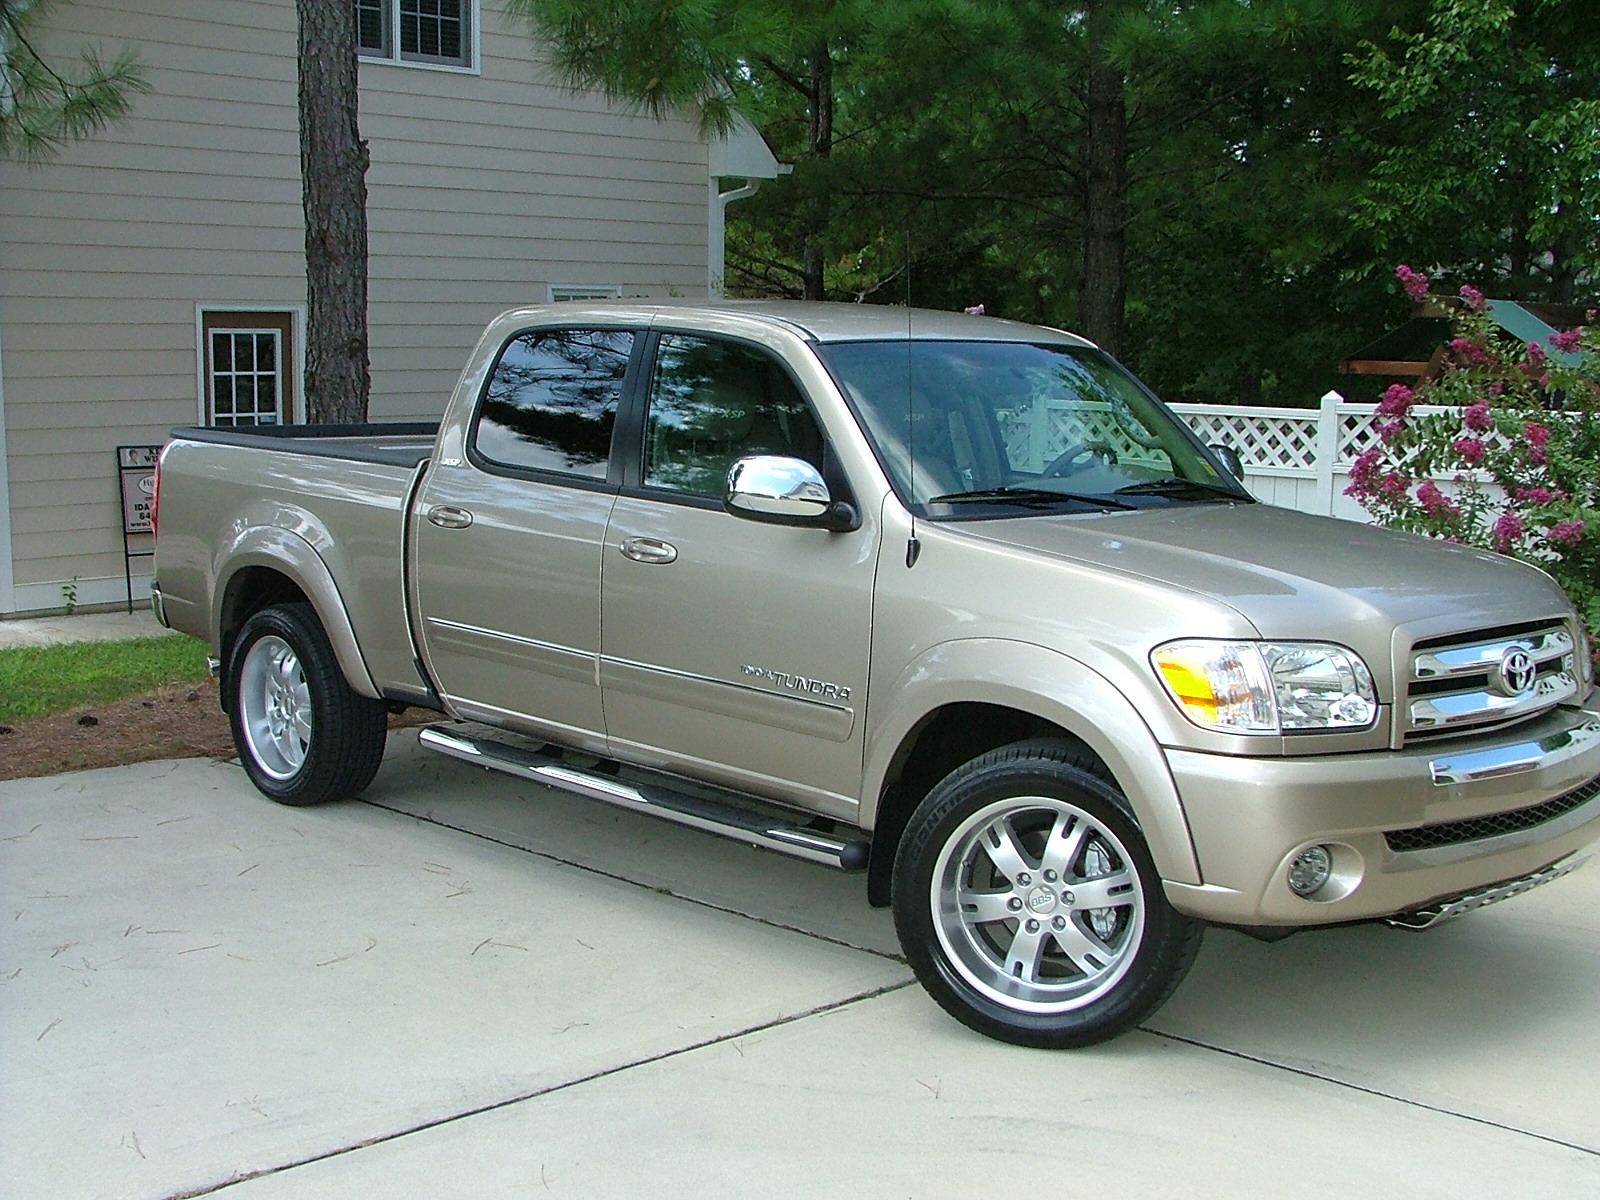 2006 Toyota Tundra Exterior Pictures Cargurus